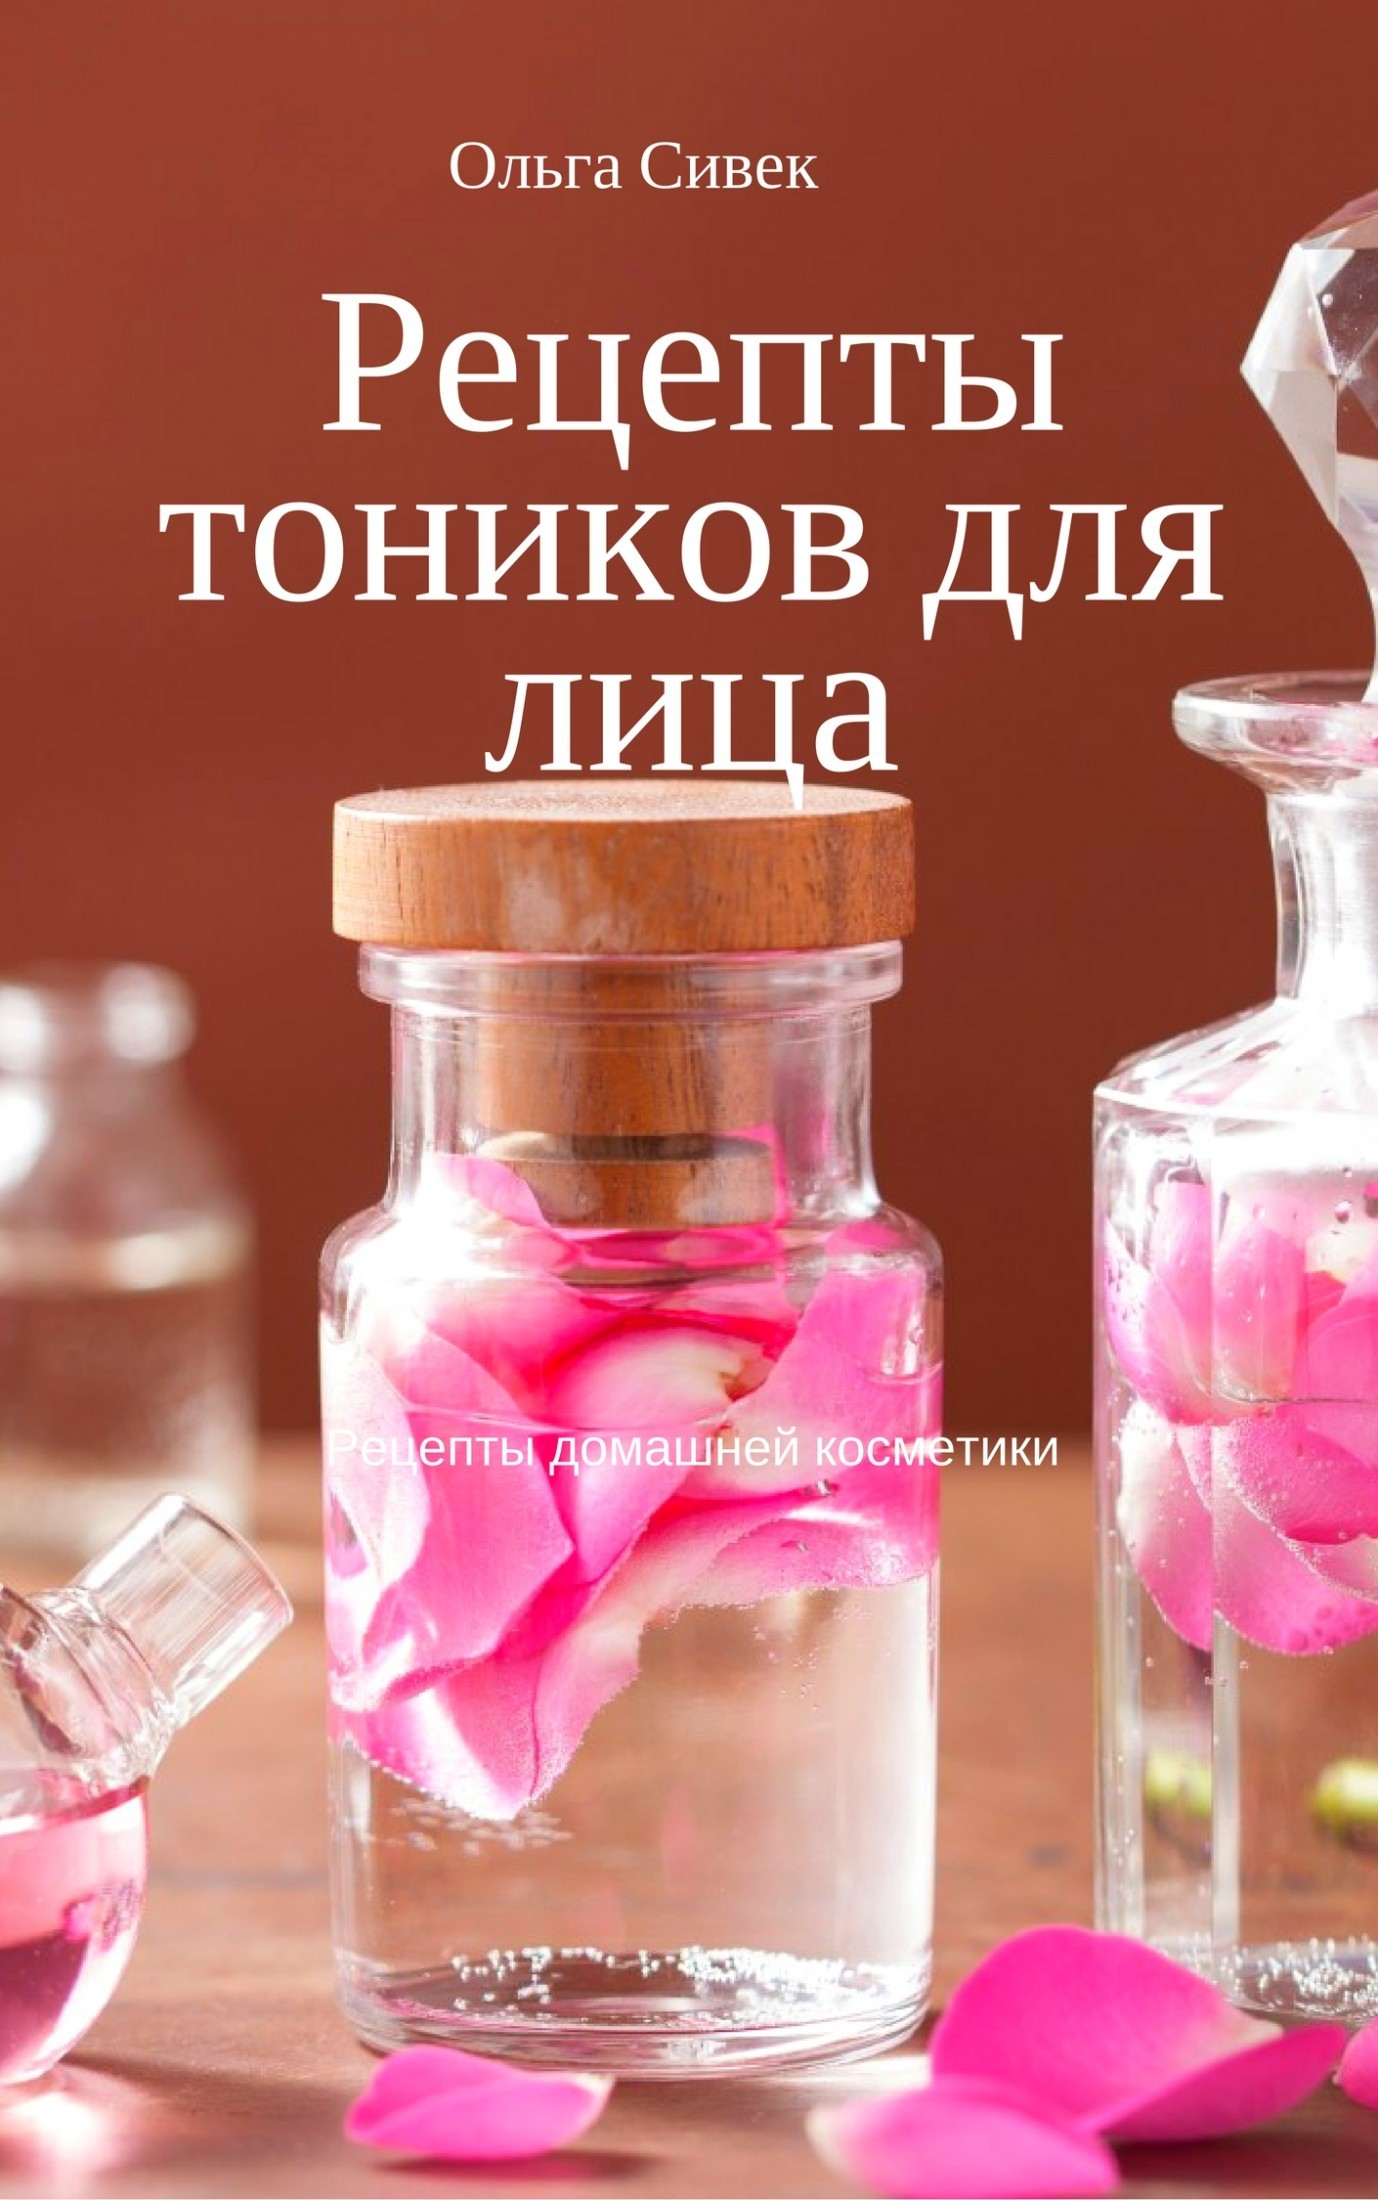 Ольга Сивек Рецепты тоников для лица в какой аптеке г горловка донецкая обл можно купить иван чай